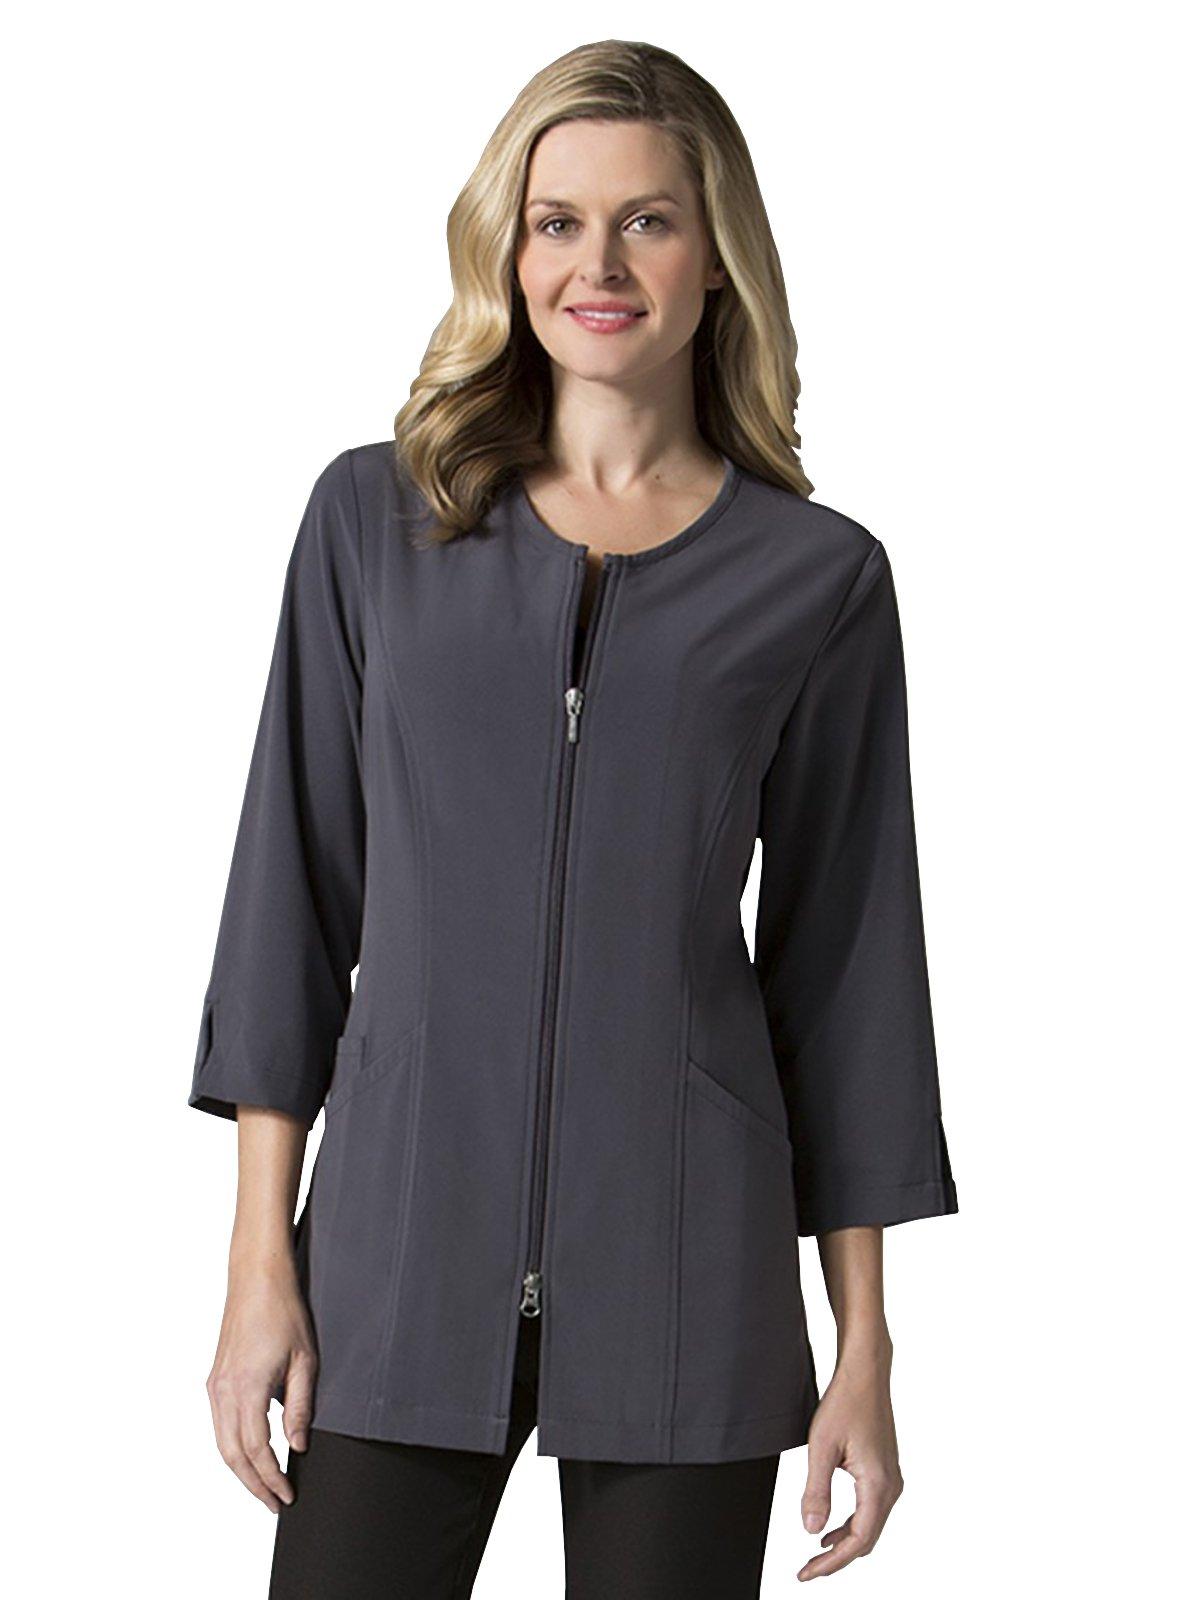 Maevn Smart Lab Coats - Ladies 3/4'' Sleeve Lab Jacket (Small, Pewter)